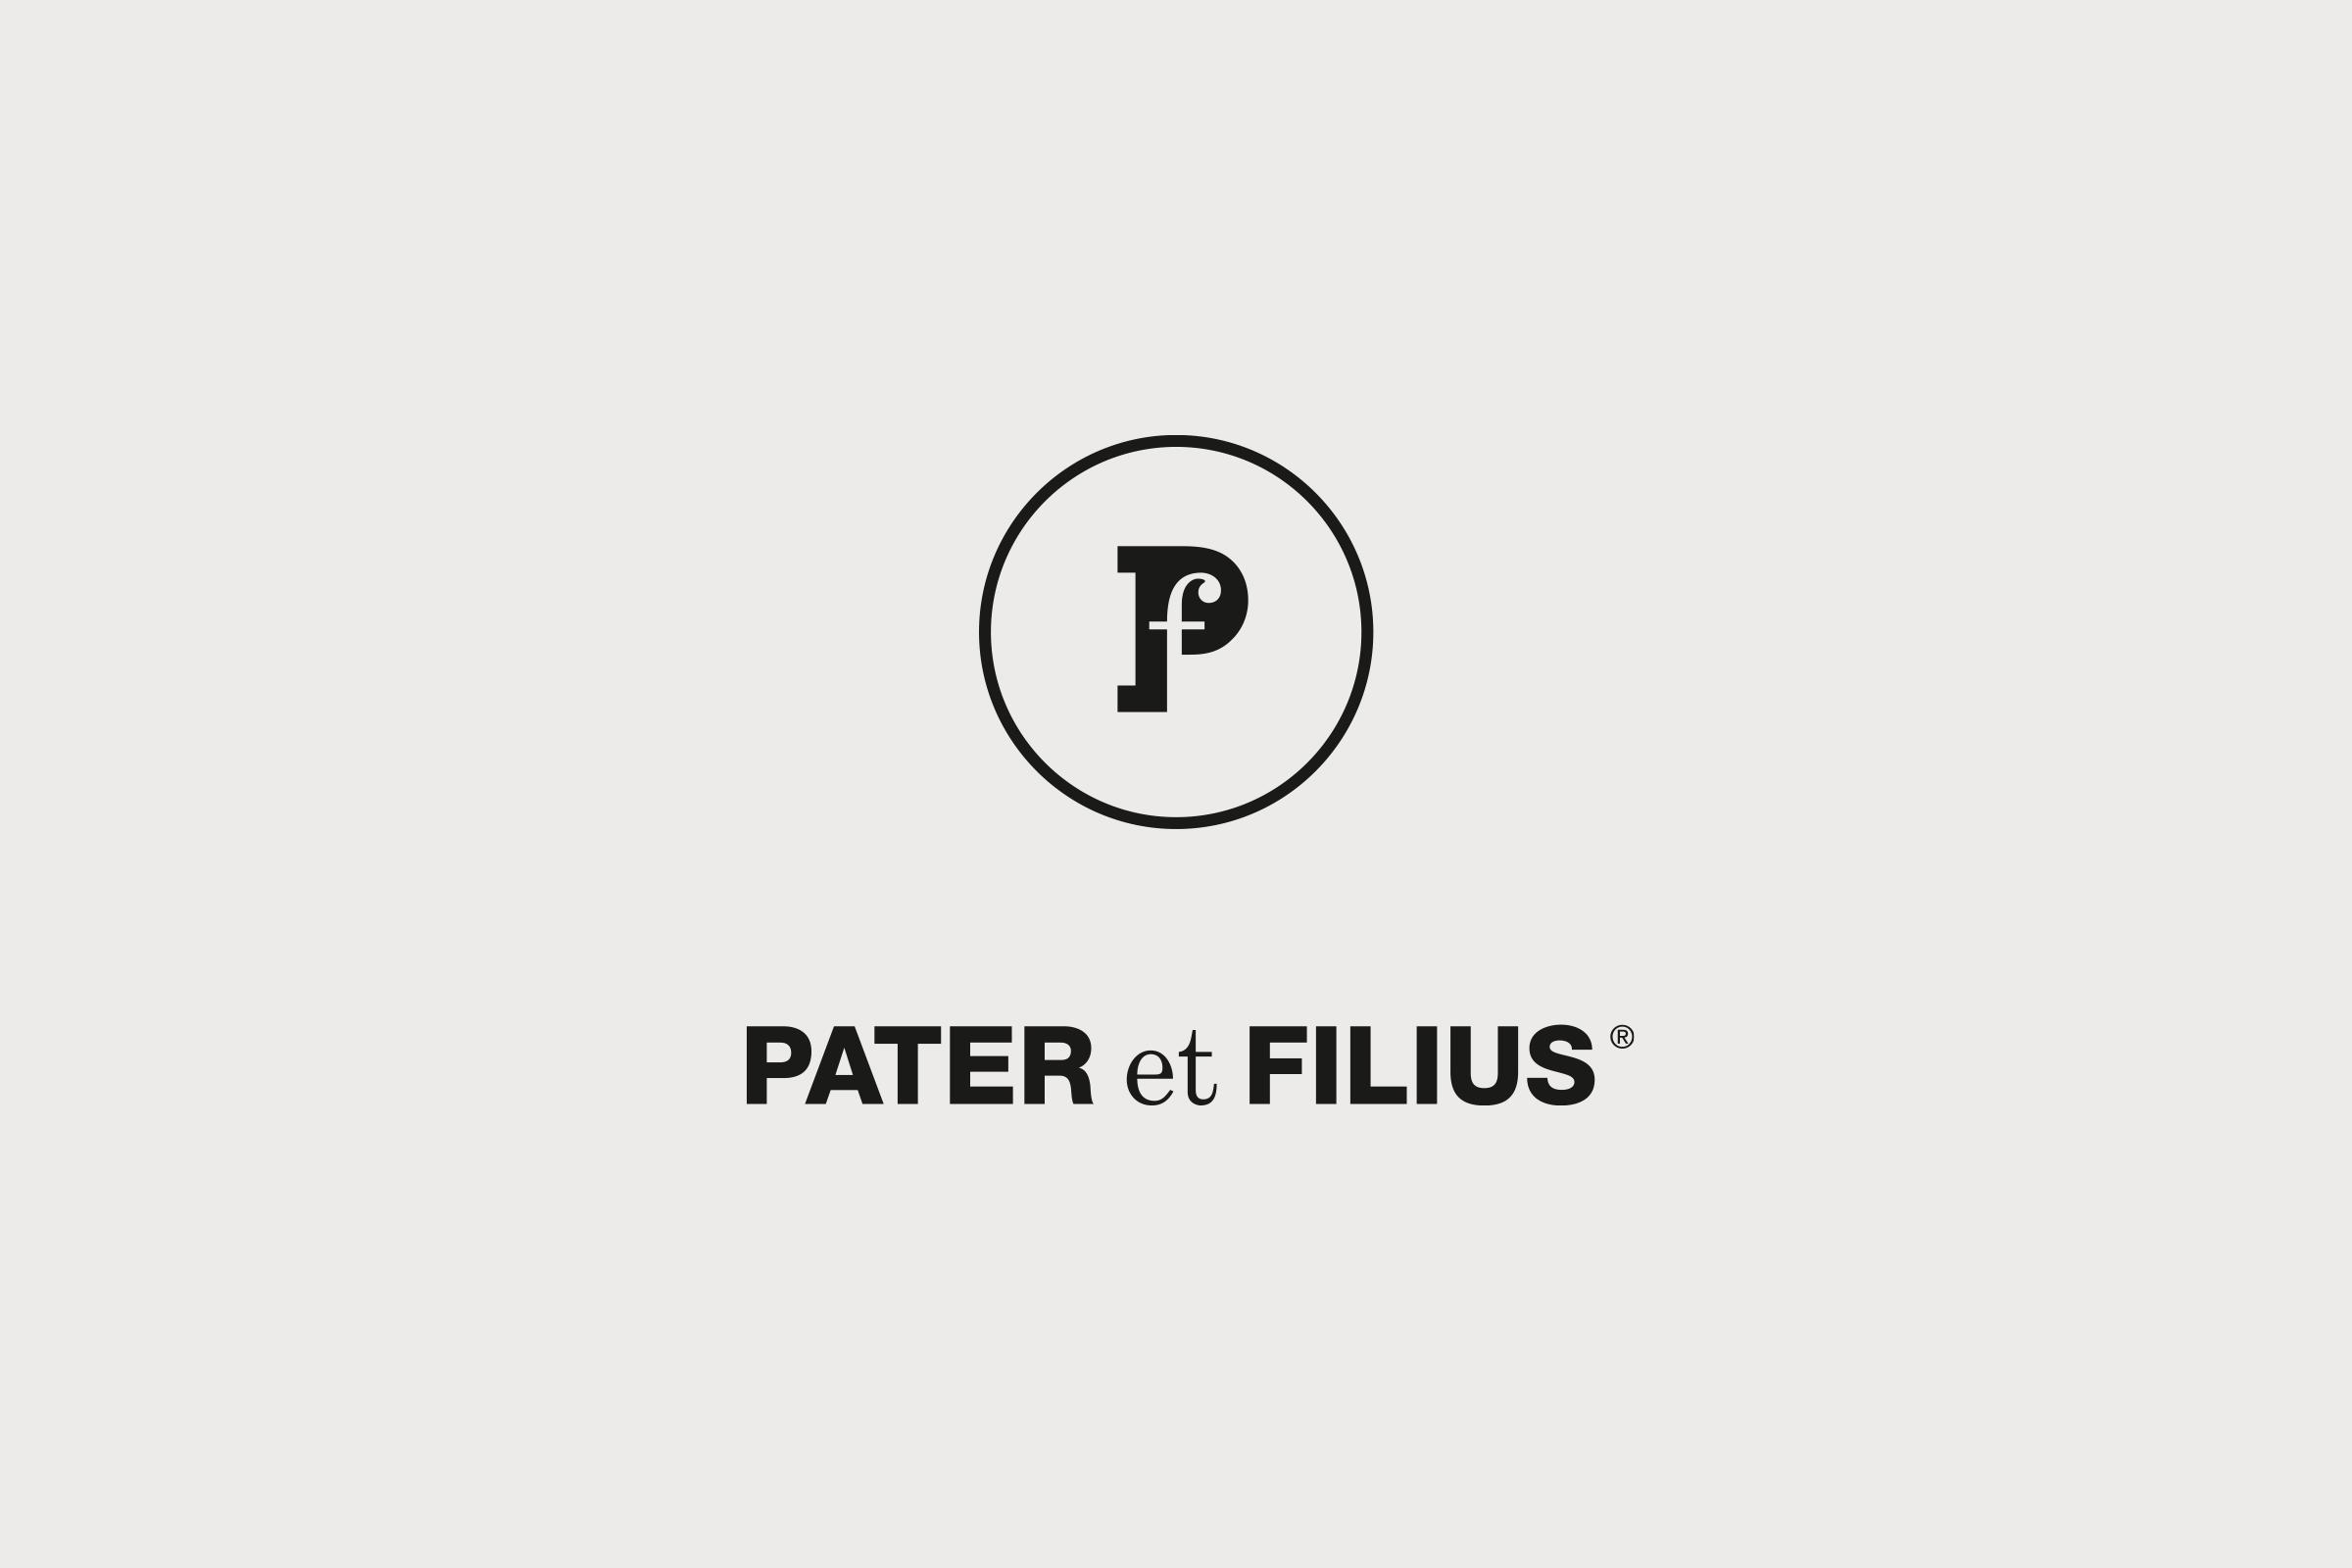 PATER et FILIUS. Logotype.